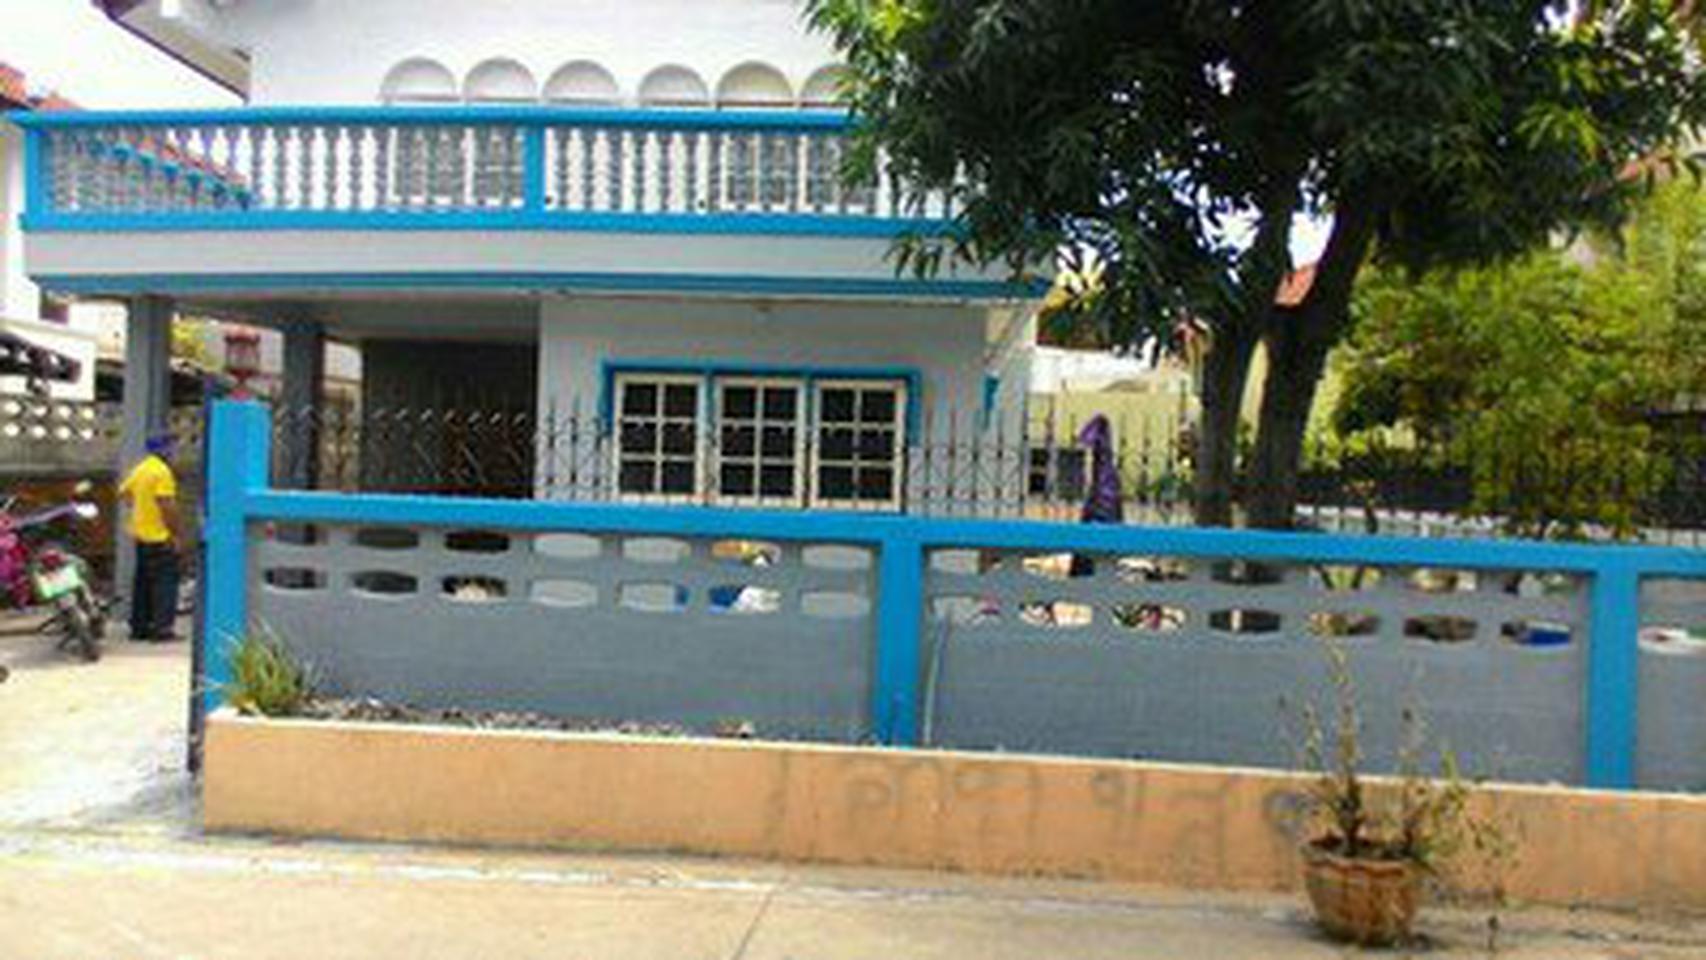 ขายบ้านเดี่ยว หมู่บ้านรัตนาธิเบศร์ บางใหญ่ รูปที่ 4